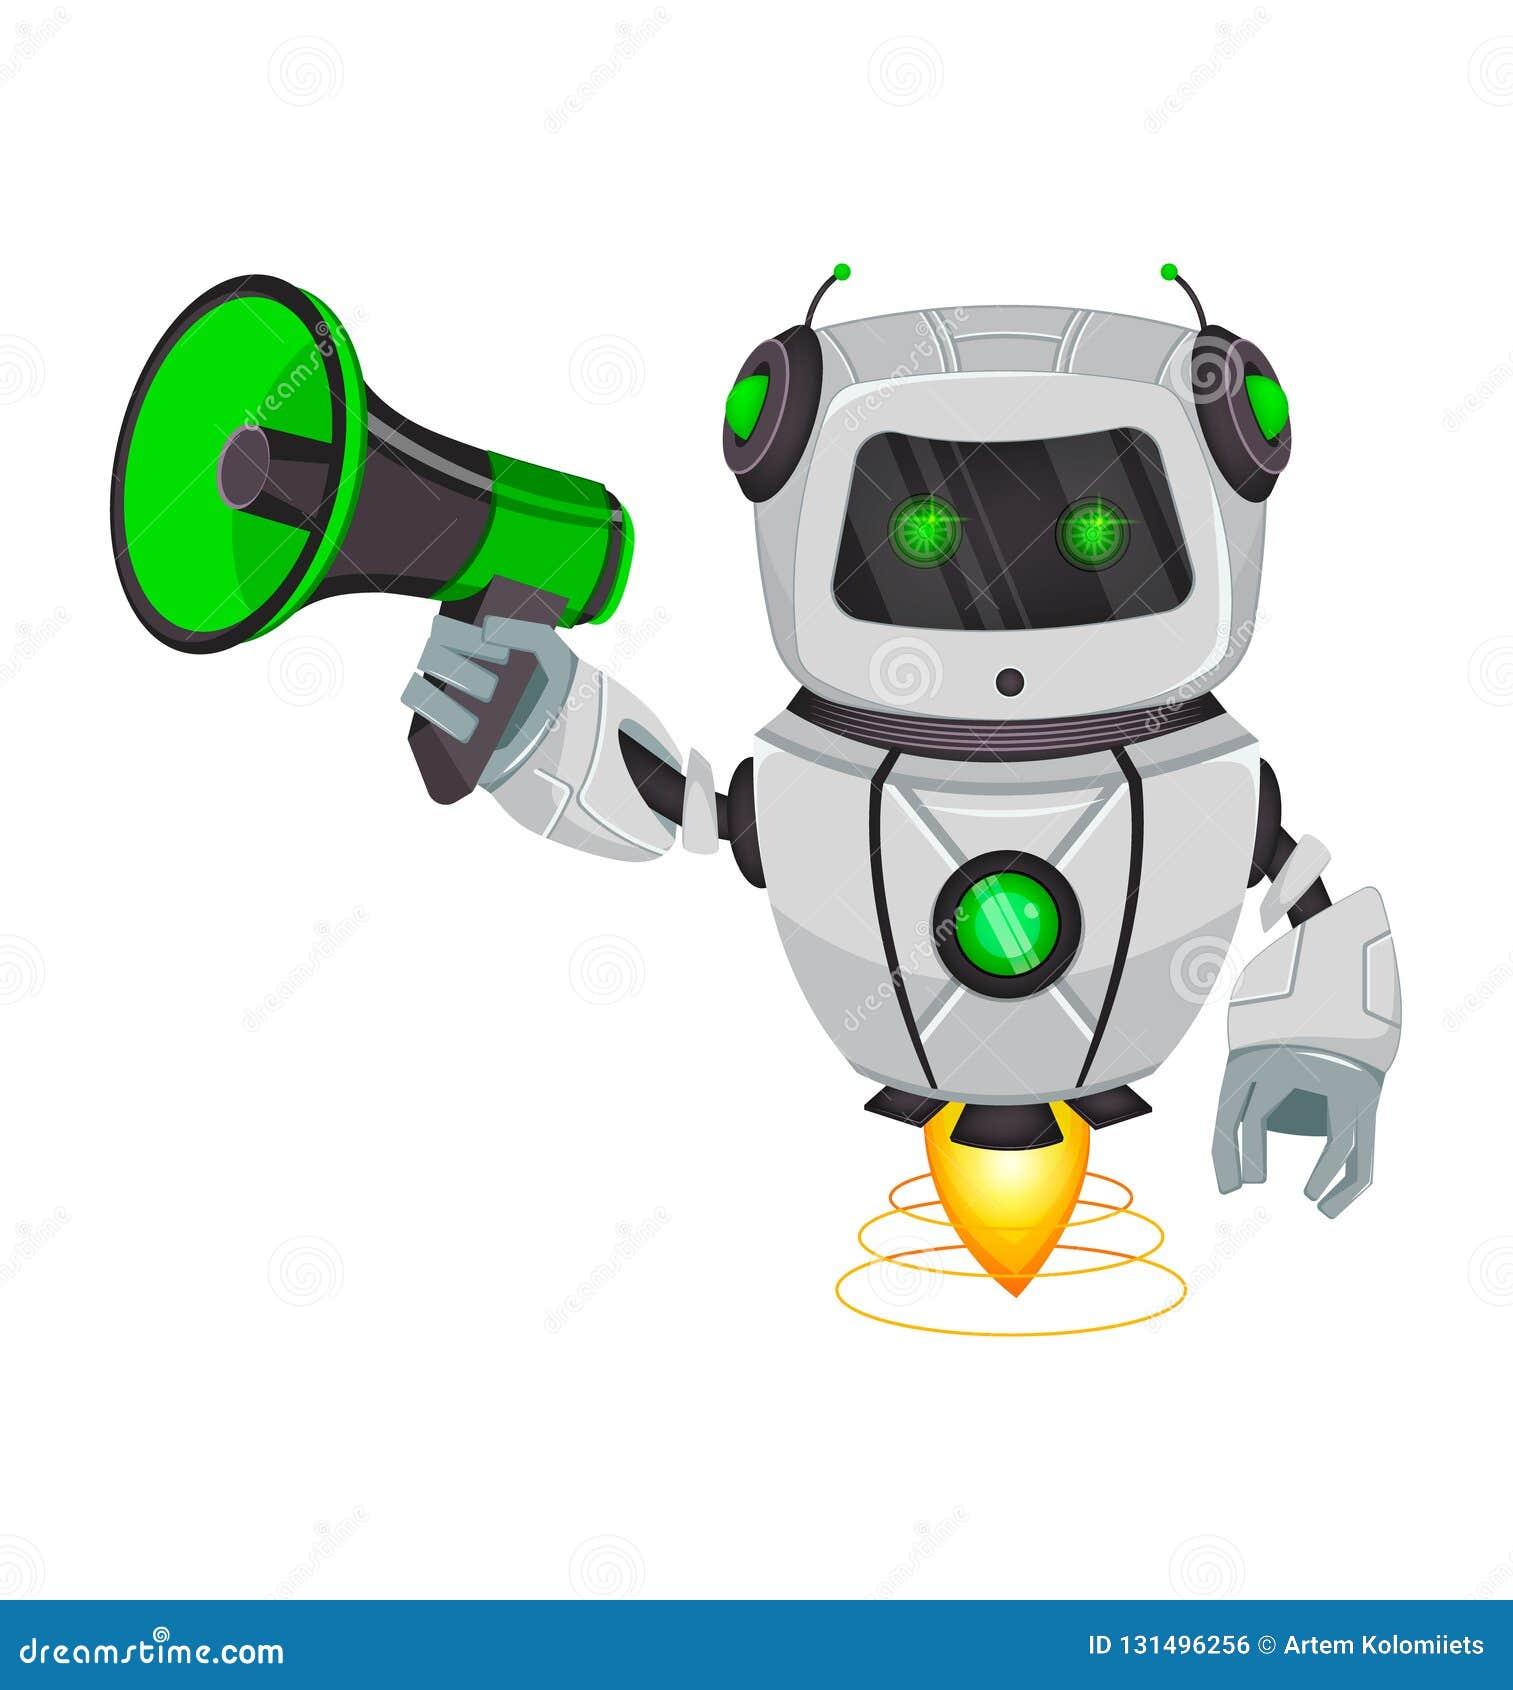 Robot con inteligencia artificial, bot El personaje de dibujos animados divertido sostiene el altavoz Organismo cibernético del H